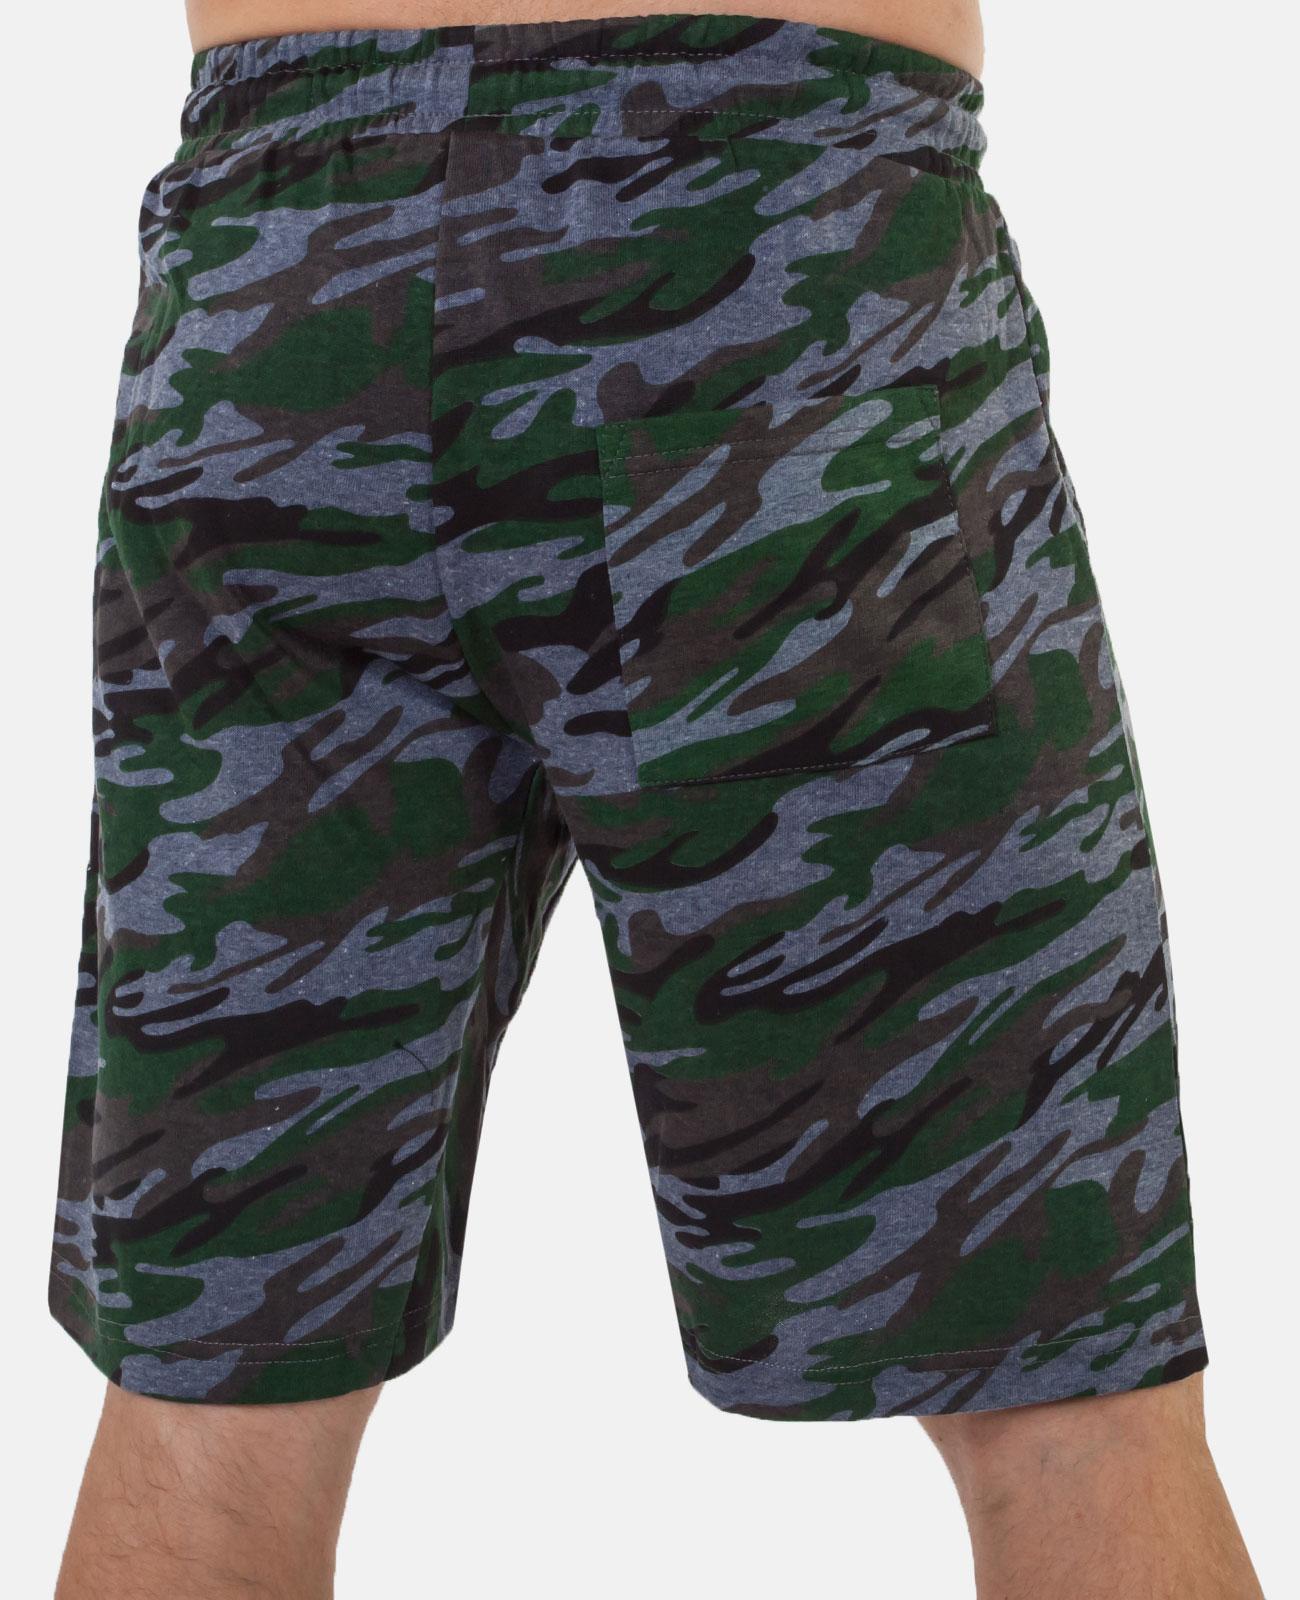 Длинные мужские шорты – камуфляжная расцветка, низкая цена